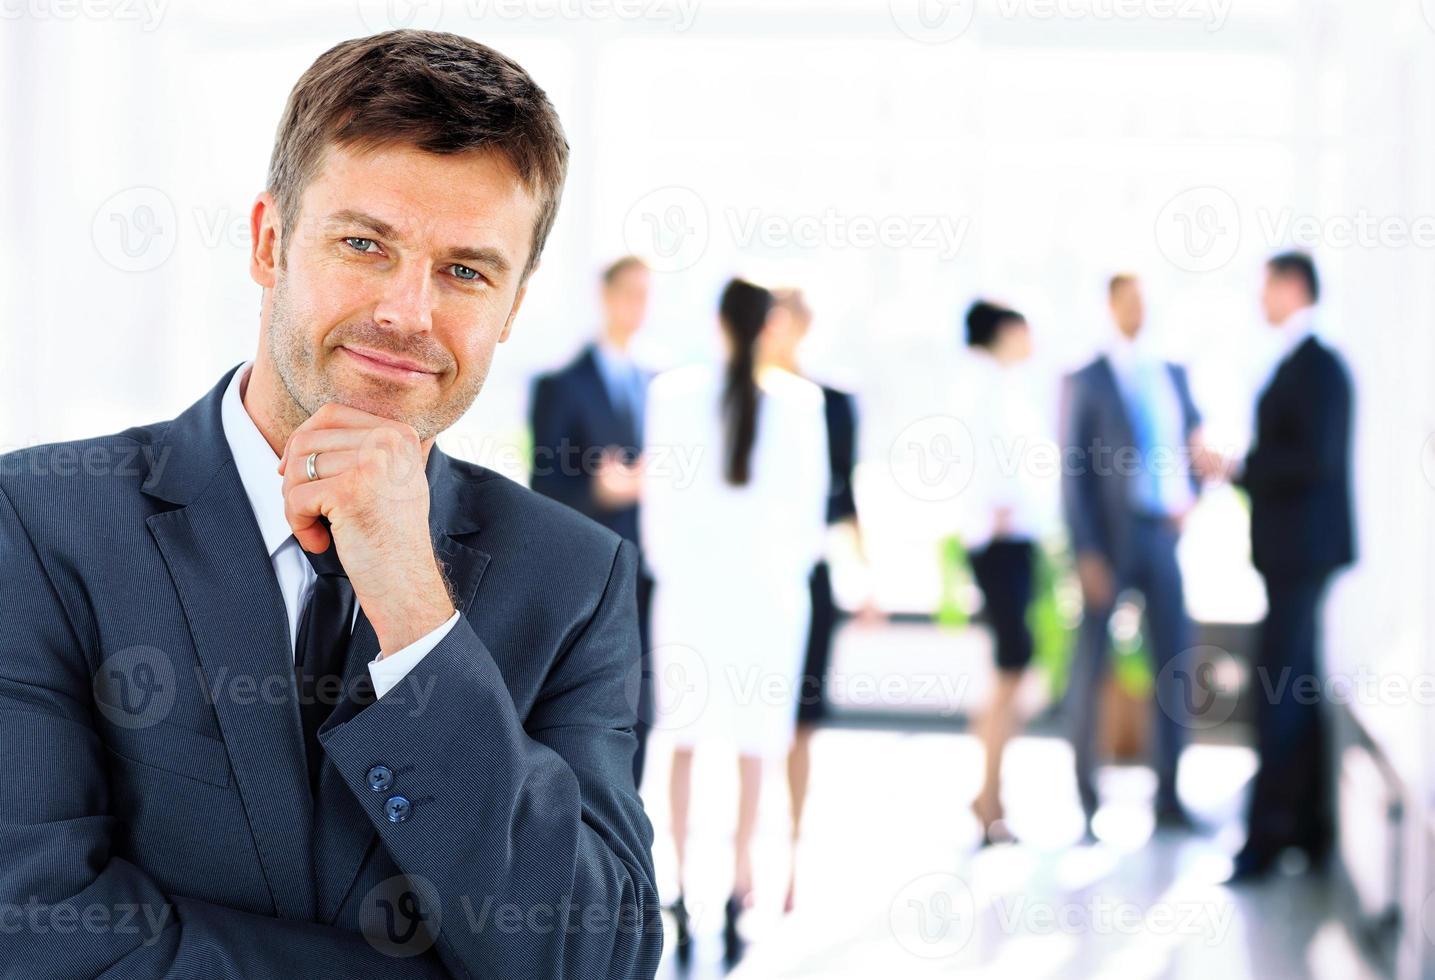 gestionnaire souriant mature suivi de jeunes gens d'affaires photo